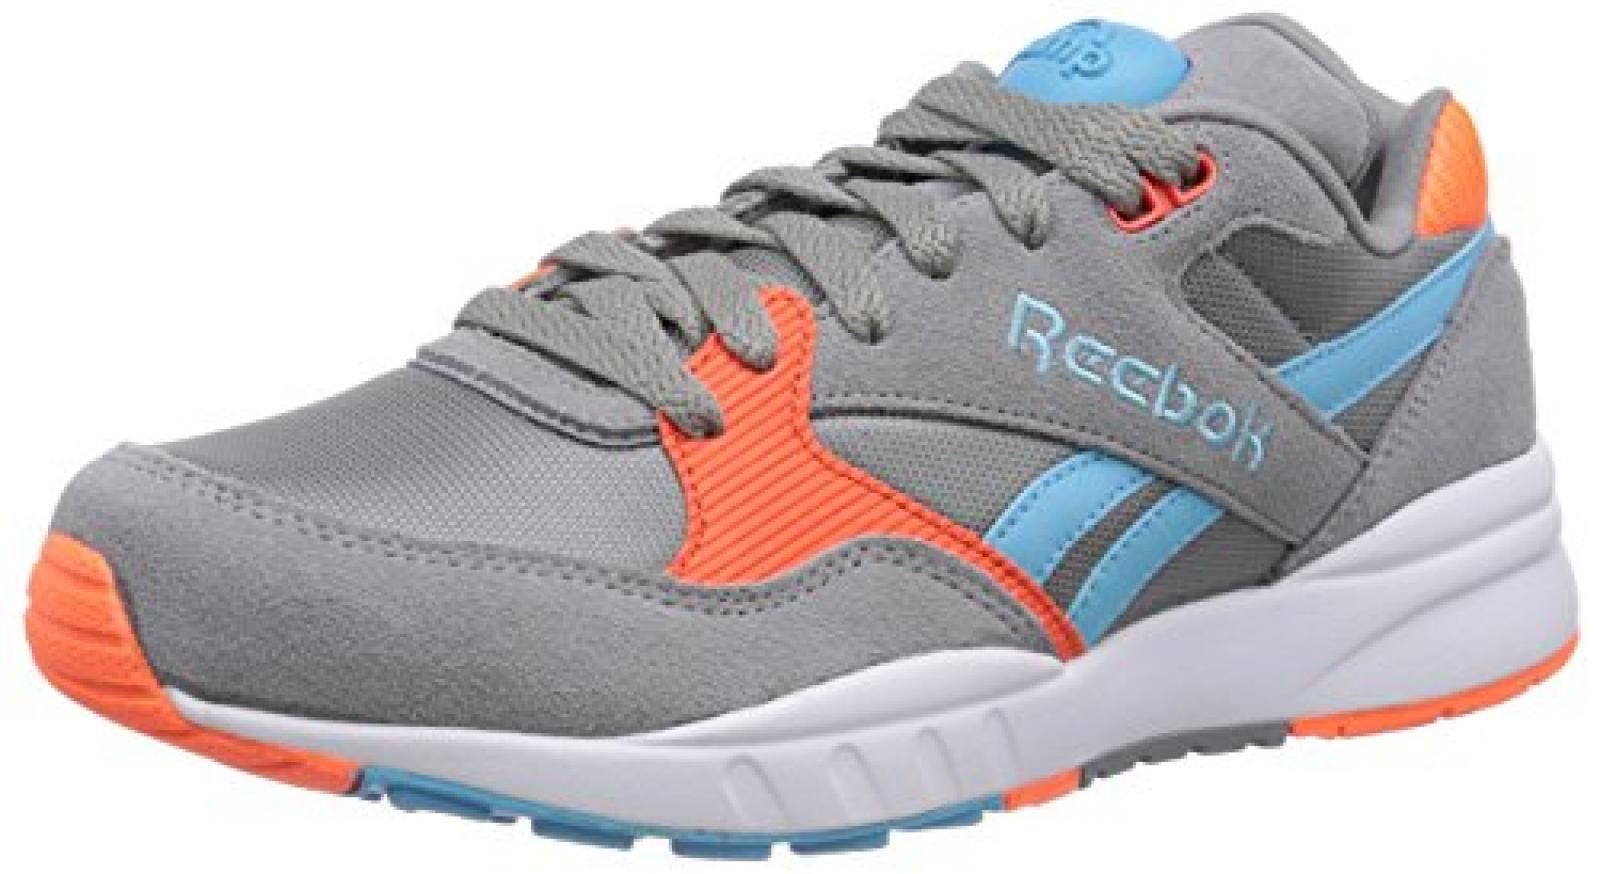 Reebok Pump Infinity Runner Unisex-Erwachsene Sneakers